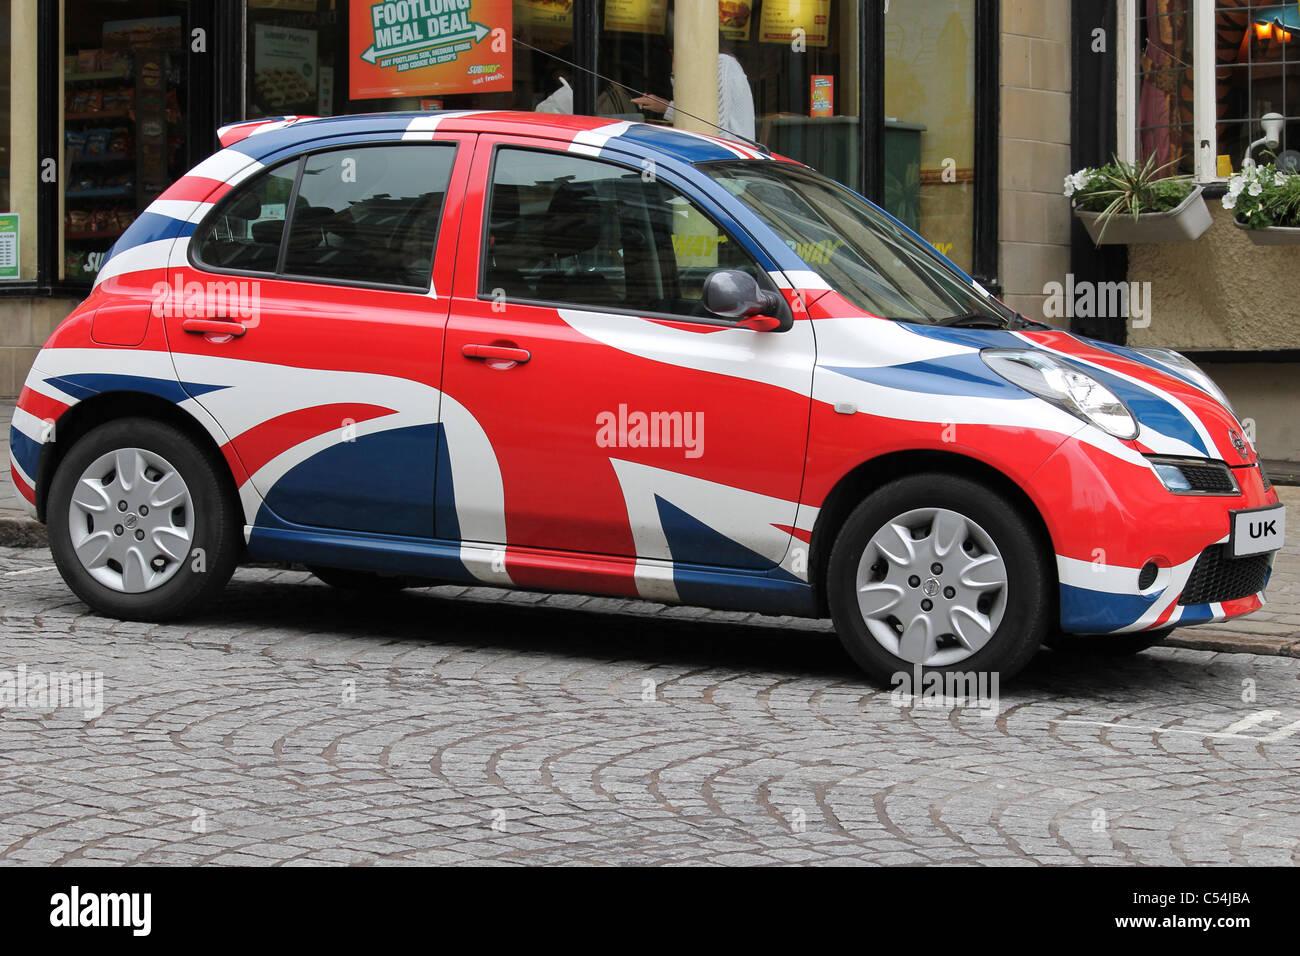 Auto Mit Haken Design Der Britischen Union Jack Flagge Stockfoto